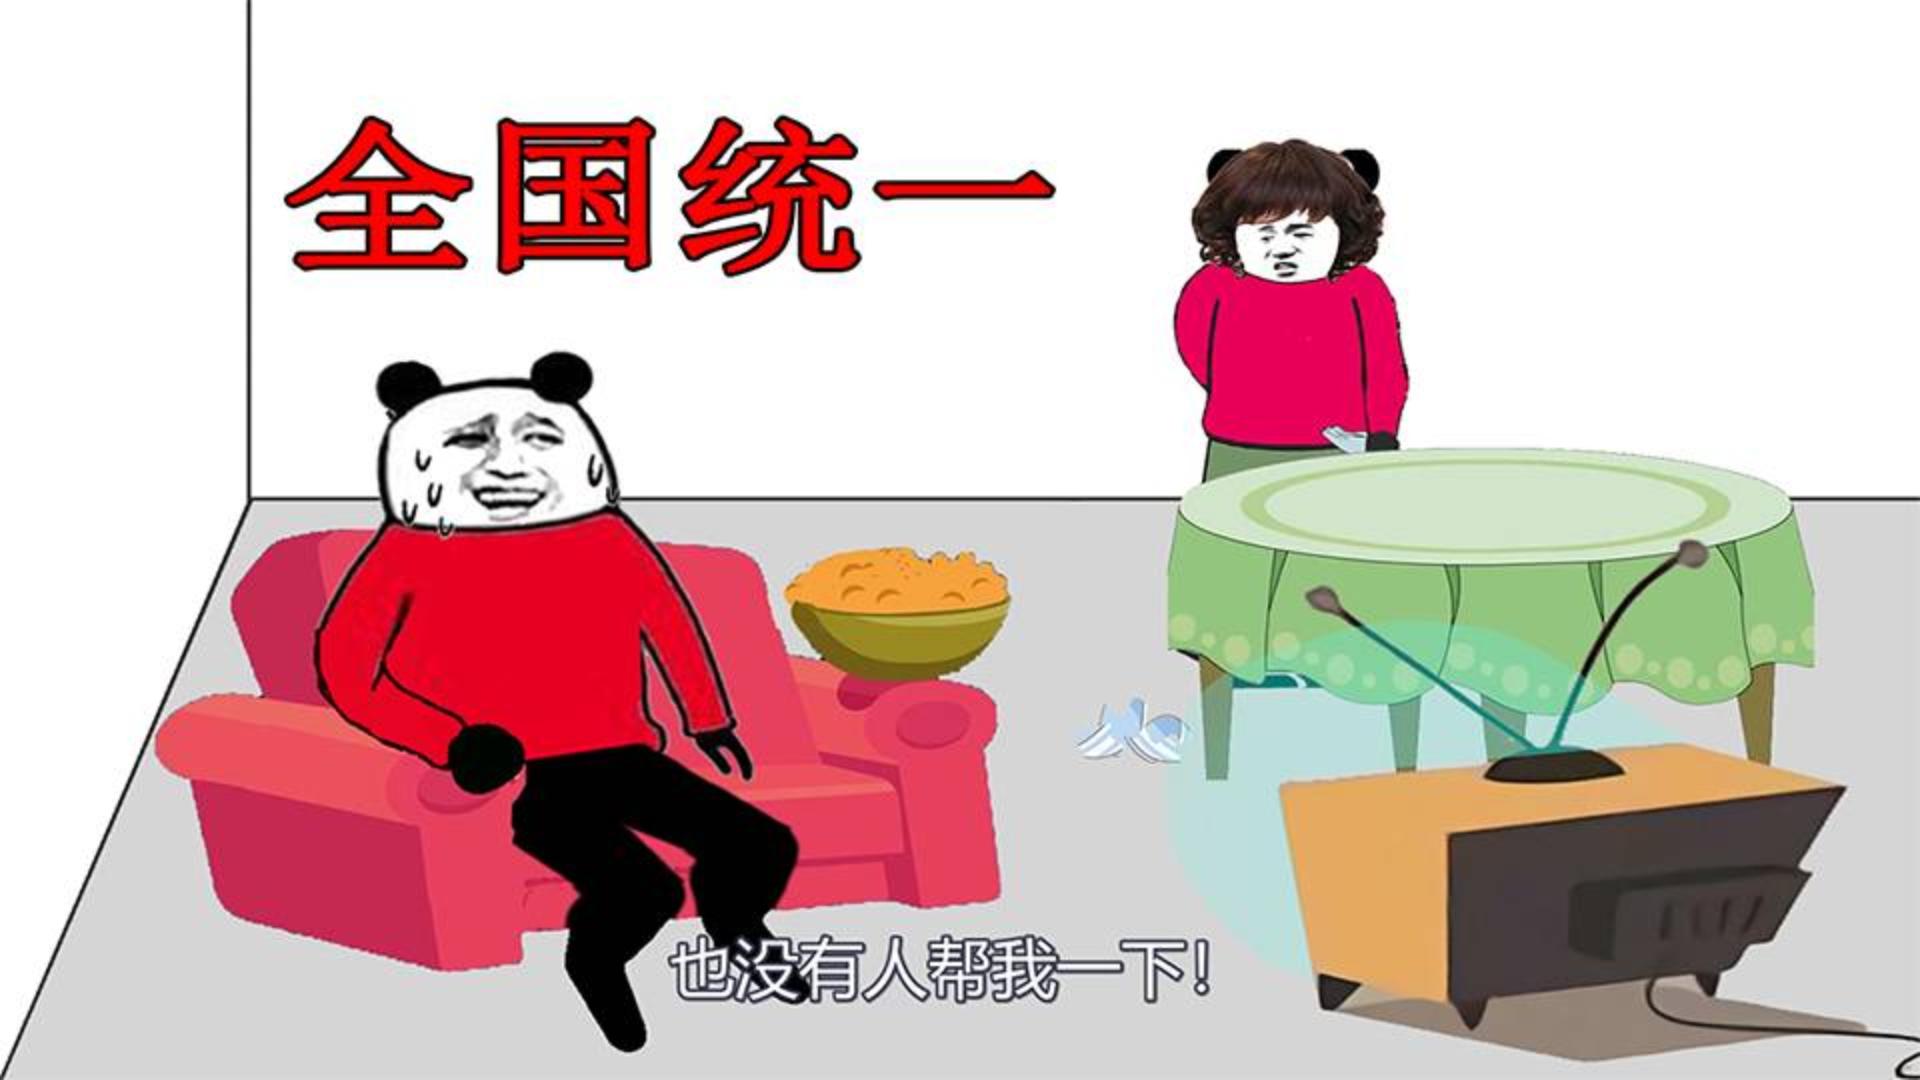 【沙雕动画】全国统一的妈妈!你的老妈是不是也这样!?